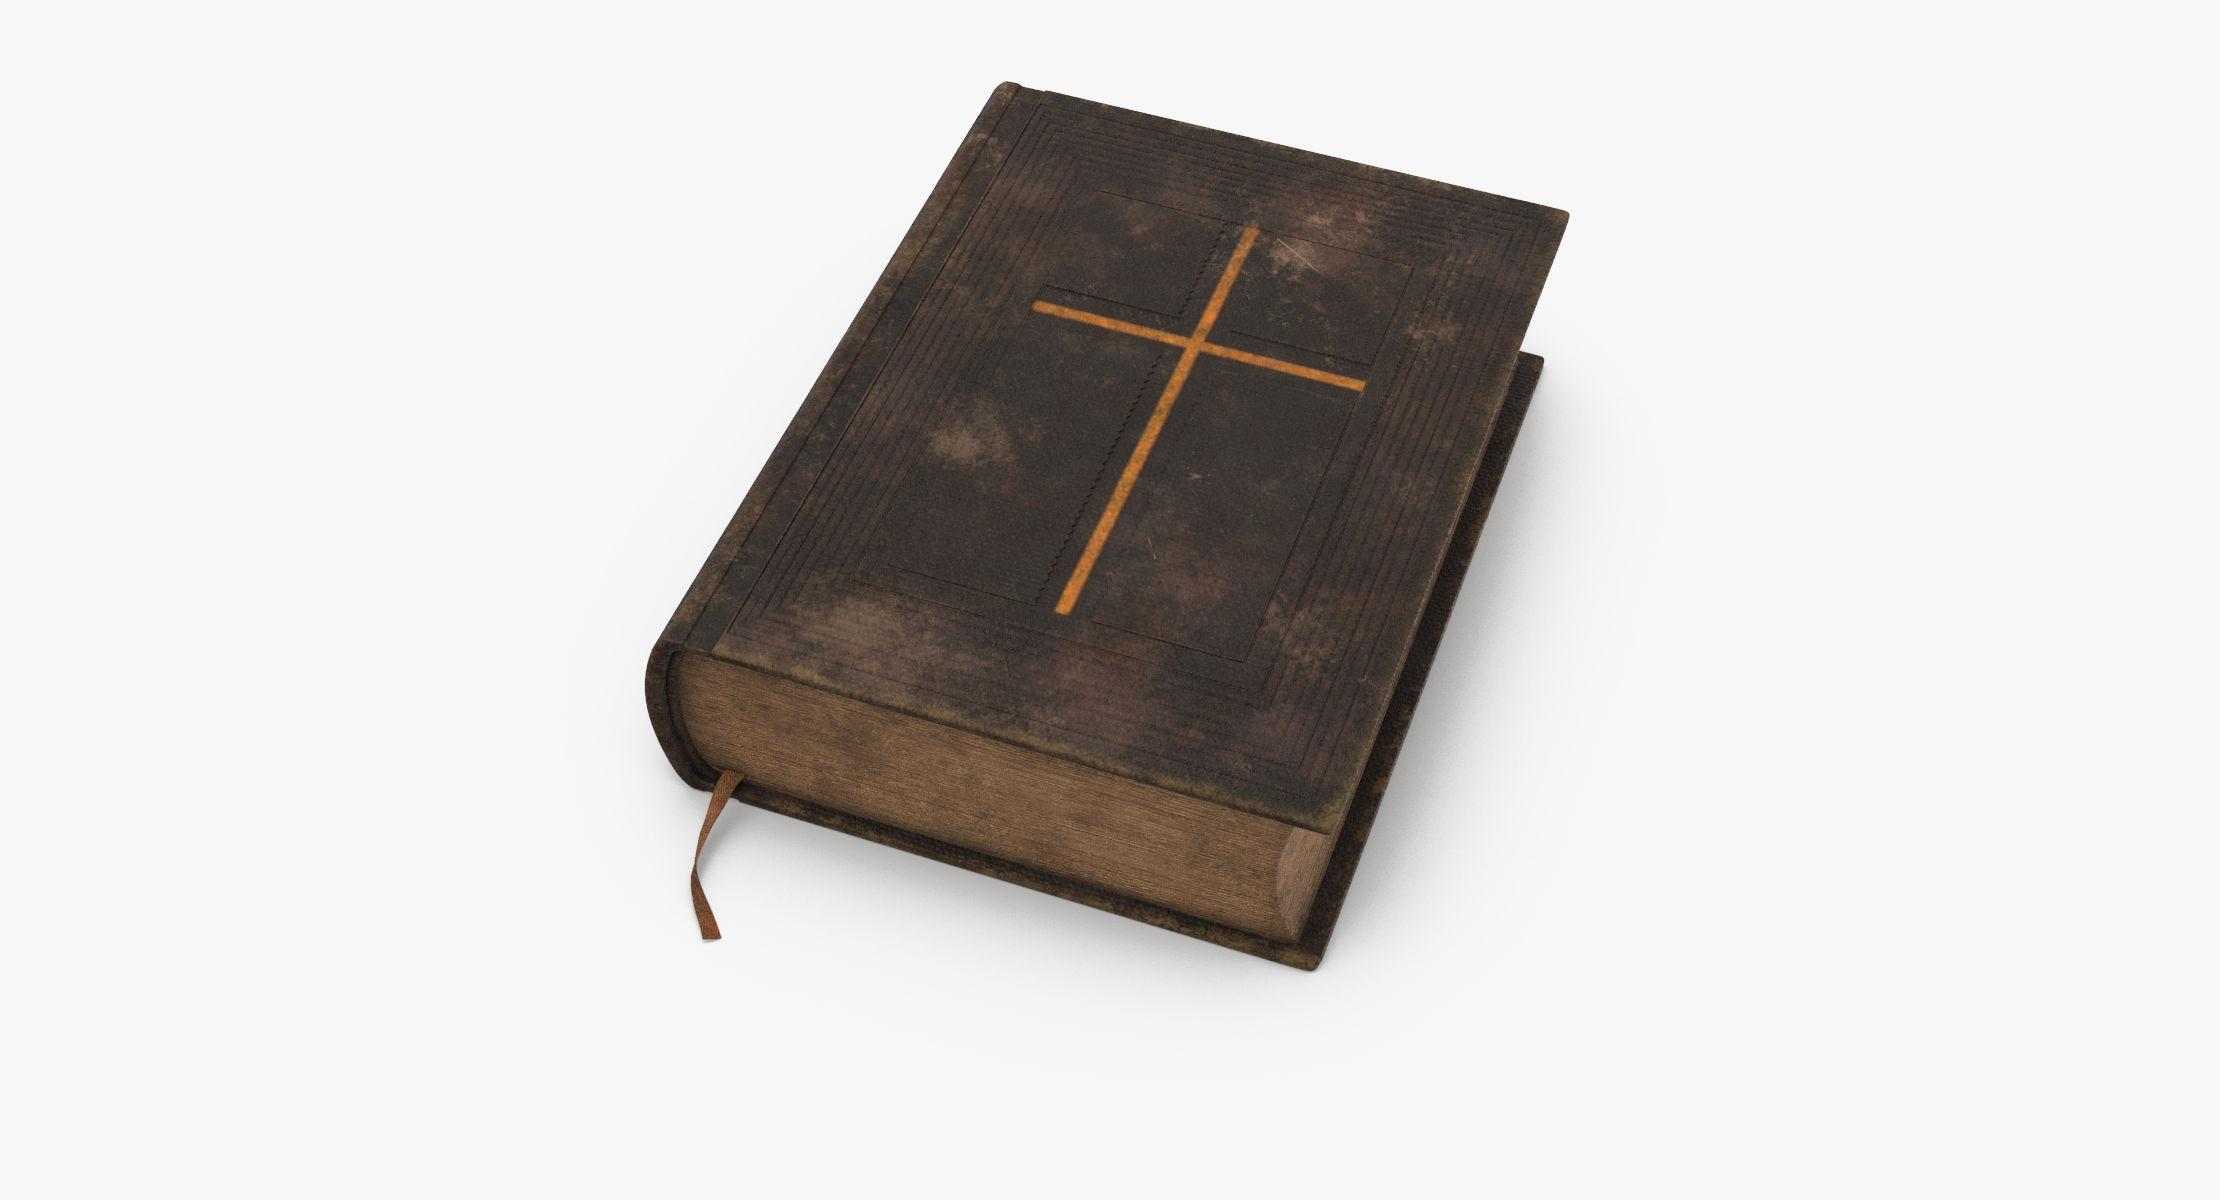 Vintage Bible - reel 1